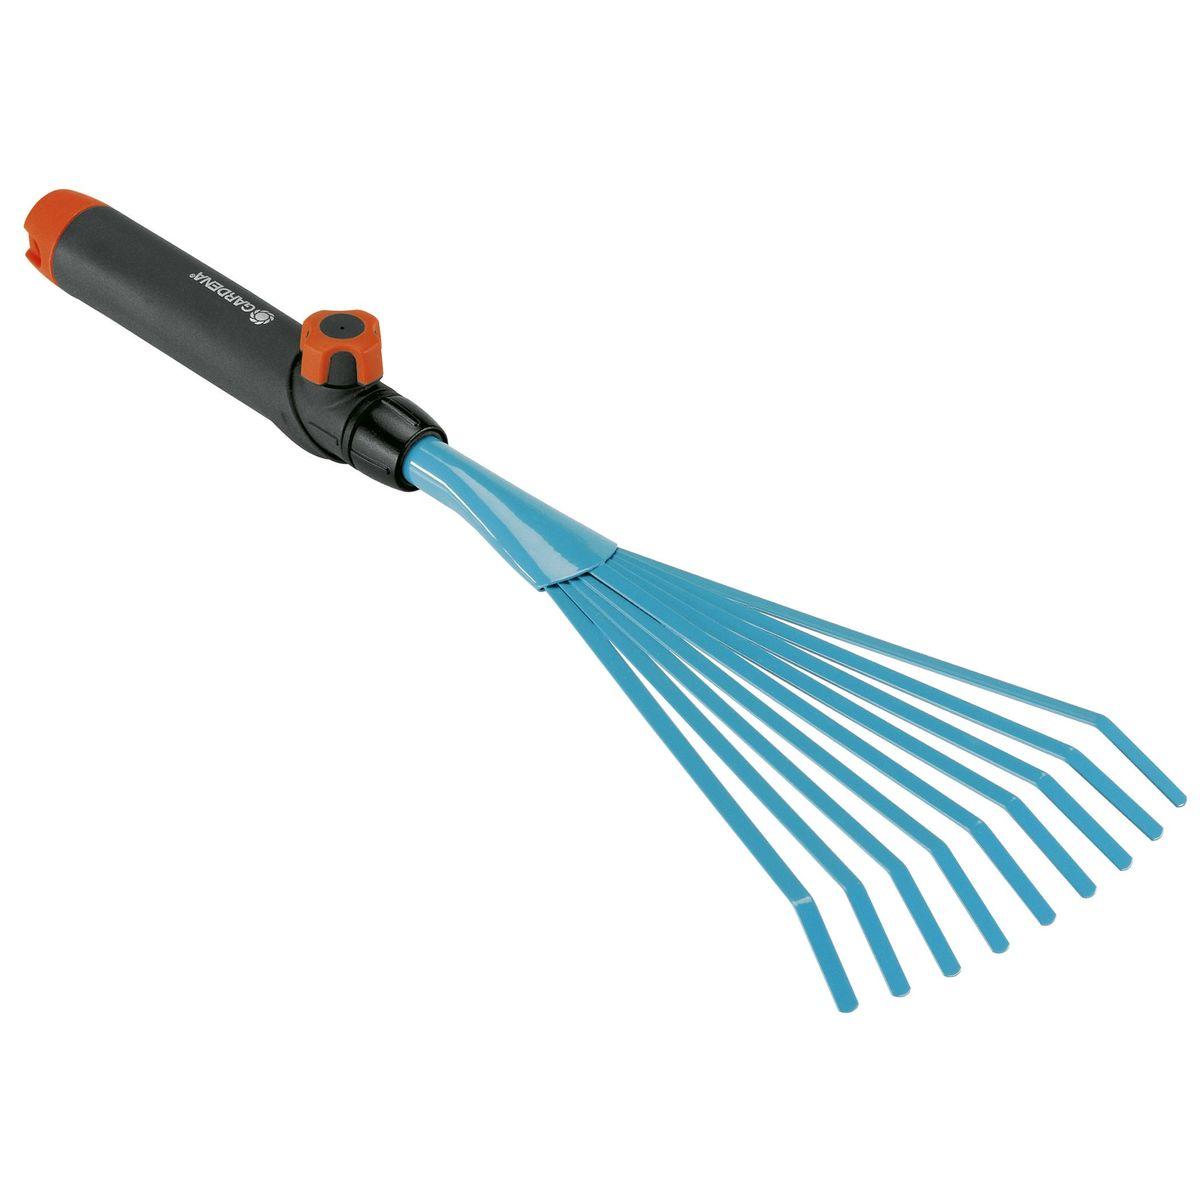 Грабли ручные Gardena112290Грабли ручные Gardena представляют собой идеальный инструмент для сбора листьев, сорняков и скошенной травы. Ручка специальной формы которая удобно лежит в руке легко снимается и может быть заменена на любую другую ручку, которая будет подходить пользователю по росту и избавлять от необходимости нагибаться. Грабли выполнены из высококачественной стали с покрытием из дюропласта. Рабочая ширина граблей - 12 см;Рекомендуемая длина ручки - 150 см.